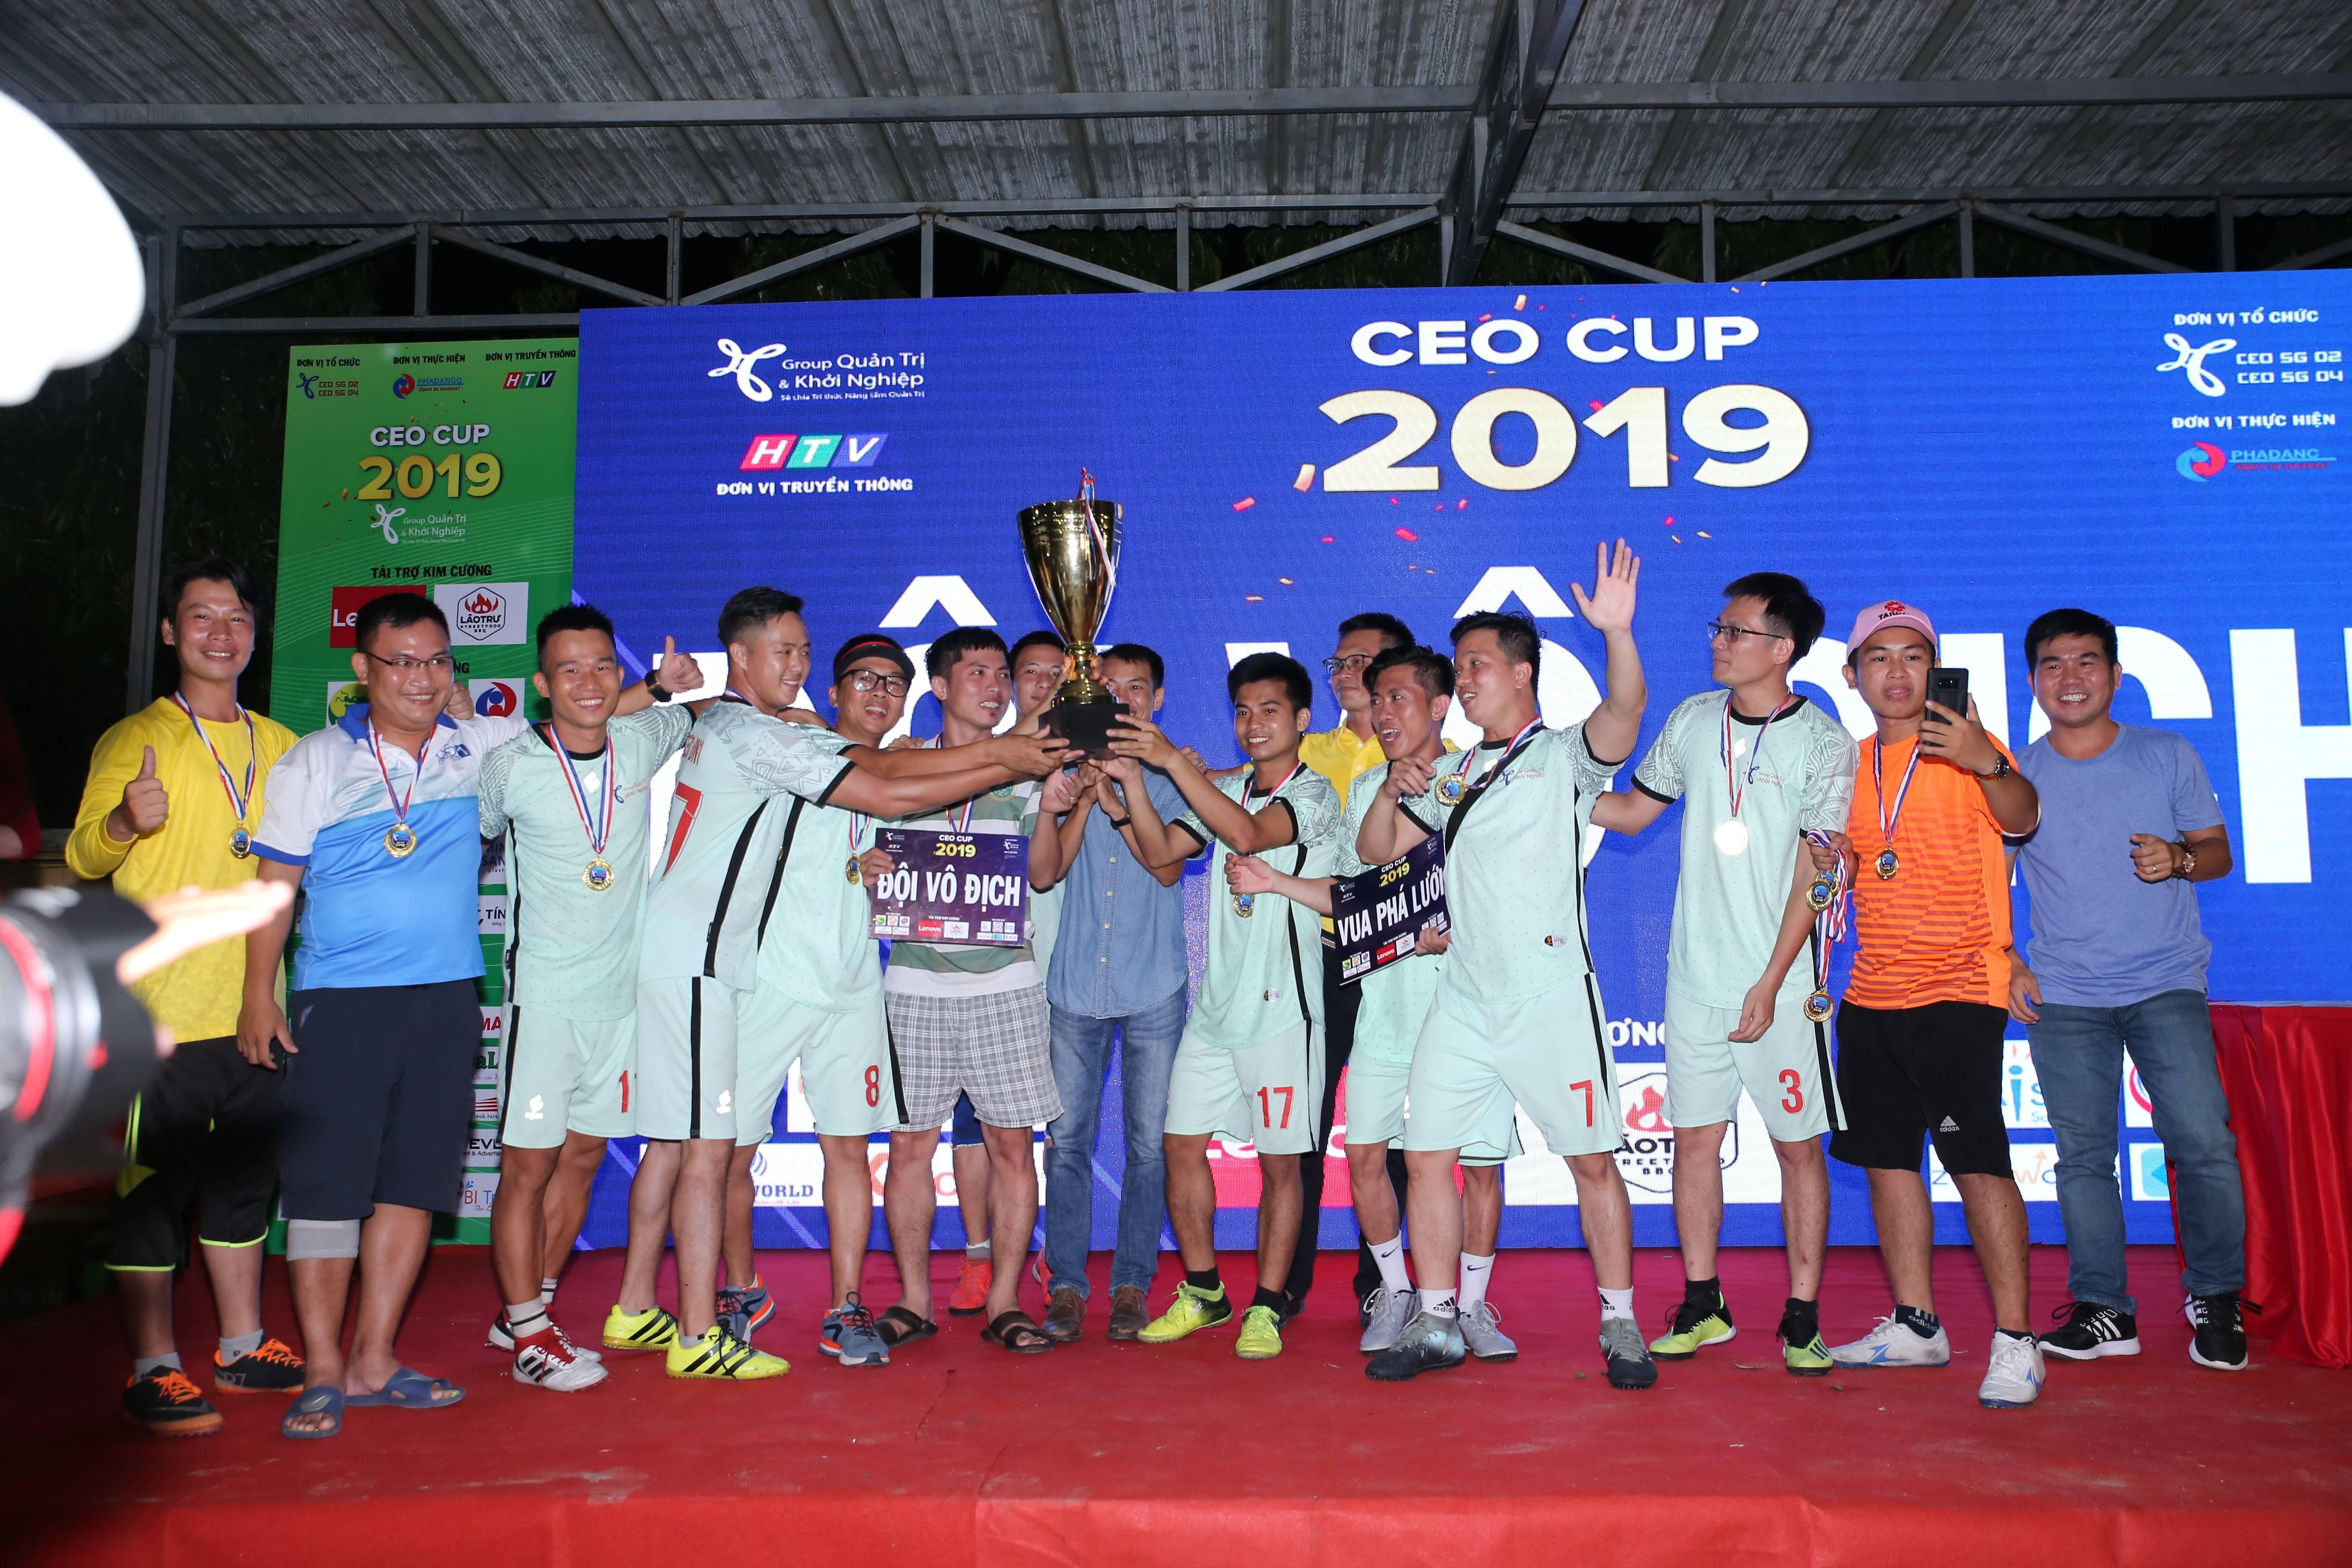 Công ty Truyền thông Phan Đăng Tổ Chức Thể Thao CEO CUP giữa các Doanh Nghiệp